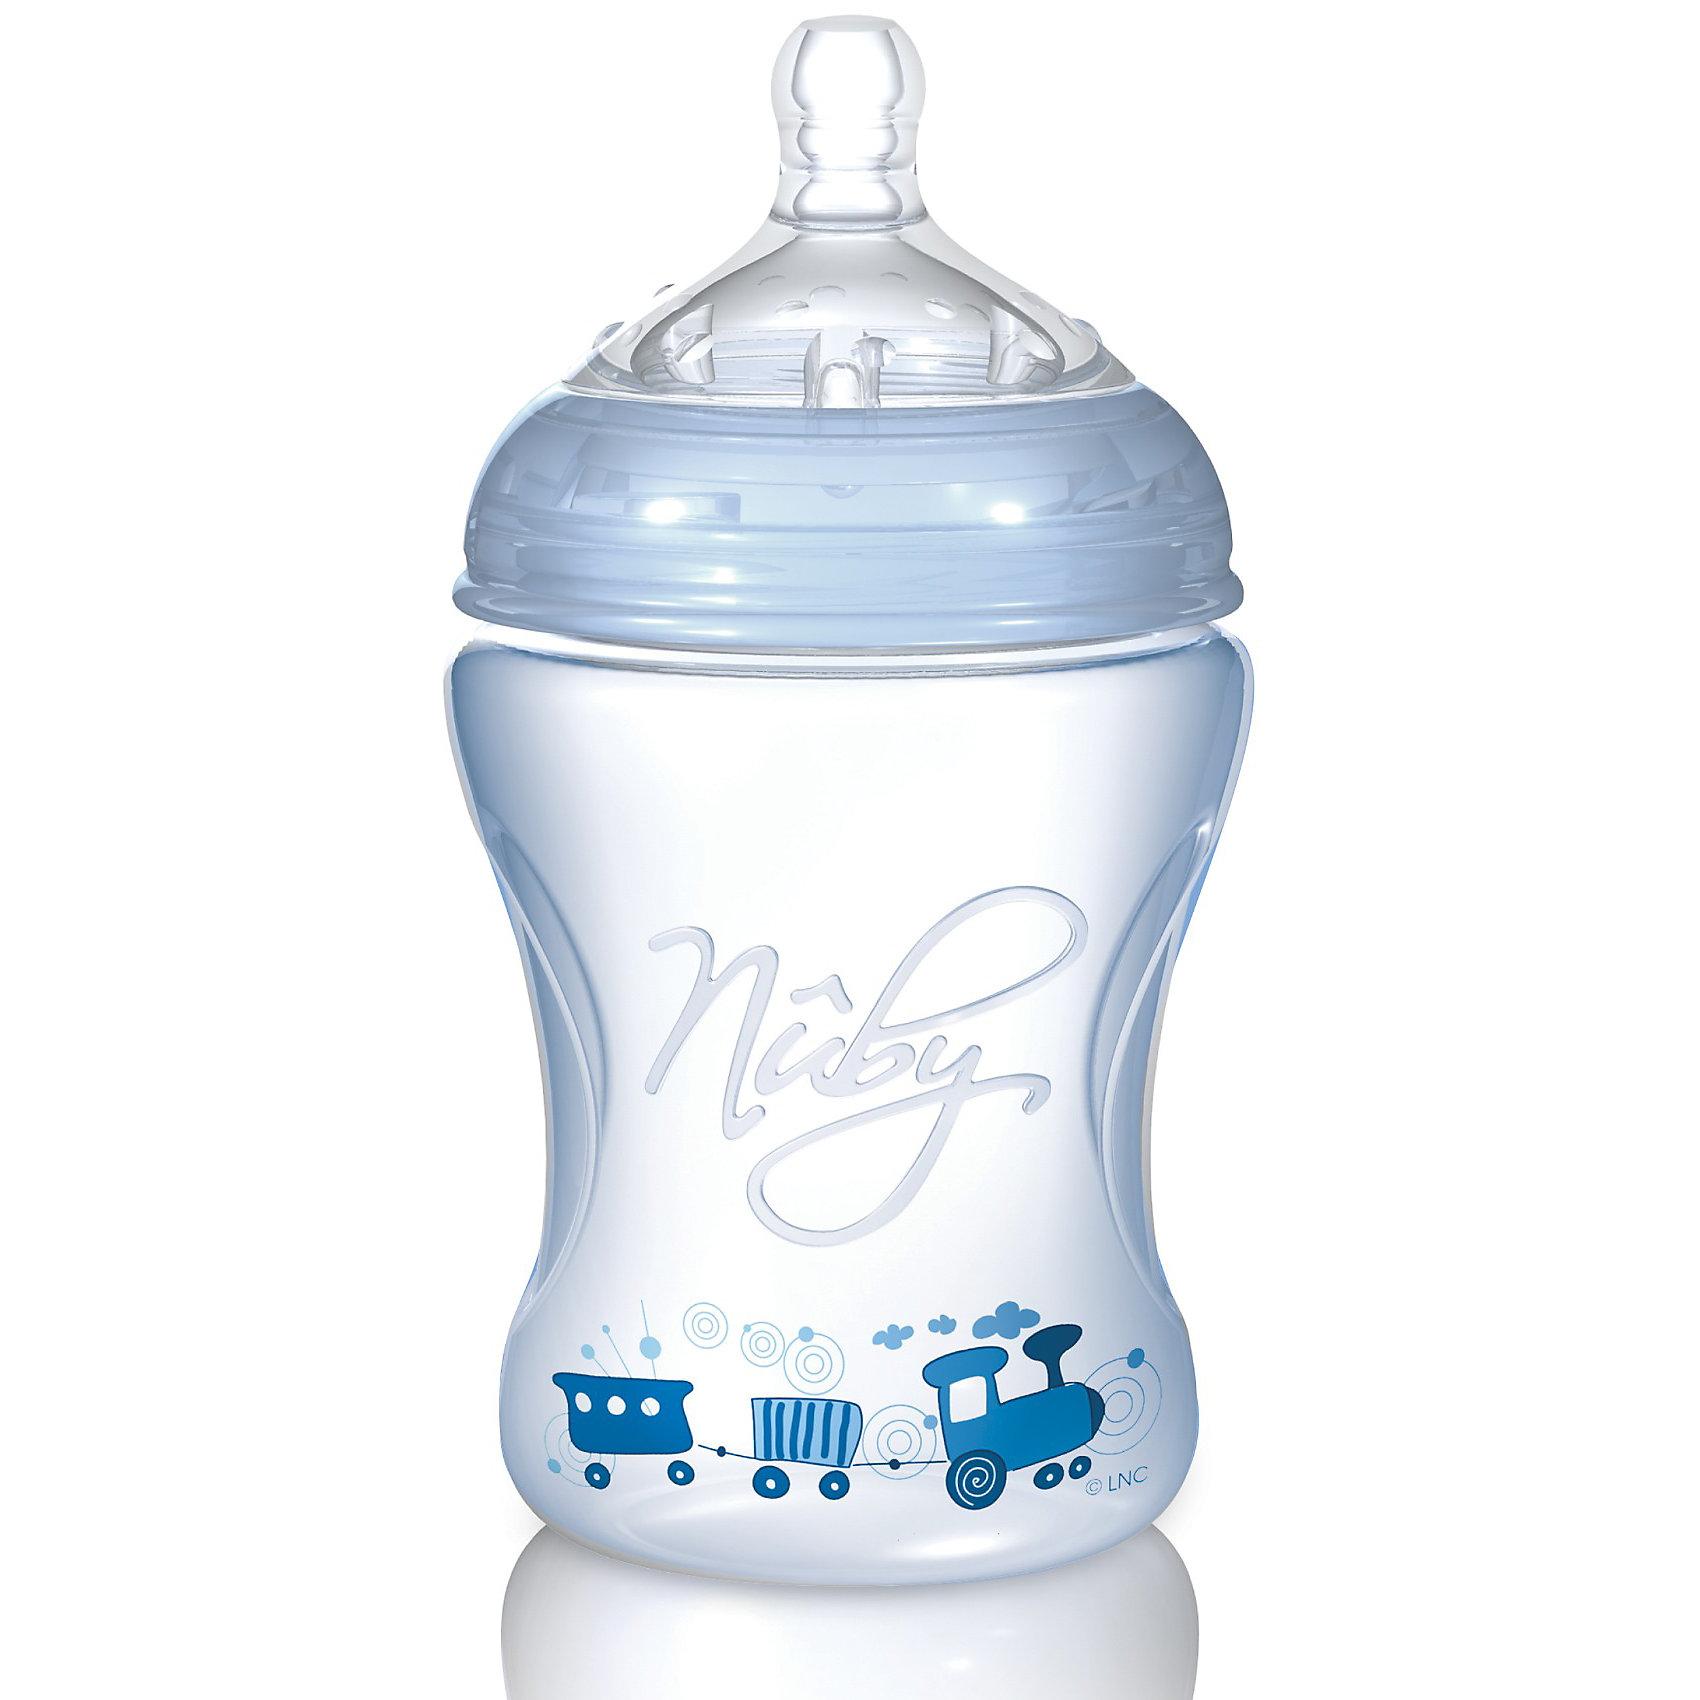 Полипропиленовая бутылочка с принтами Nuby, 240 мл., голубой210 - 281 мл.<br>Пропиленовая  бутылочка Nuby (Нуби) эргономичной формы с забавными принтами для кормления малышей с 3 месяцев обязательно придется по душе Вашему крохе и поможет маме сделать кормление увлекательным и приятным занятием. Специальная форма соски  Natural Touch  с расширенным основанием  повторяет внешнее, анатомическое строение ареолы соска груди матери. Благодаря этому можно совмещать грудное и искусственное вскармливание. Форма соски помогает формированию правильного прикуса. Воздушные клапаны соски предотвращают заглатывание воздуха и препятствуют возникновению младенческих колик. Бутылочка с принтами Nuby (Нуби) - кормление в удовольствие!<br><br>Дополнительная информация:<br><br>-В комплекте 1 силиконовая бутылочка, 1 соска со средним потоком;<br>- Полипропиленовая  бутылочка оригинальной  формы - удобно держать в руке;<br>- Специальный клапан бутылочки уравнивает давление, позволяя питанию поступать без пузырьков;<br>- Дополнительные плотные воздушные клапаны на дне бутылочки, медленно пропускают воздух для снятия вакуума;<br>- Знакомые форма и размер обеспечивают легкое принятие соски;<br>- Соска является абсолютно безопасной: не содержит bisphenol-A (бисфенол - А);<br>- Соска изготовлена из уникального сверхмягкого медицинского силикона, используемого в косметической медицине;<br>- Объем бутылочки: 240 мл;<br>- Возраст: от 3 мес;<br>- Бутылочка украшена забавным принтом;<br>- Цвет: голубой;<br>- Размер упаковки: 17,5 х 8 х 8 см;<br>- Вес: 109 г<br><br>Полипропиленовую бутылочку с принтами Nuby (Нуби), 240 мл., голубую можно купить в нашем интернет-магазине.<br><br>Ширина мм: 160<br>Глубина мм: 84<br>Высота мм: 83<br>Вес г: 110<br>Цвет: синий<br>Возраст от месяцев: 3<br>Возраст до месяцев: 18<br>Пол: Мужской<br>Возраст: Детский<br>SKU: 1860002